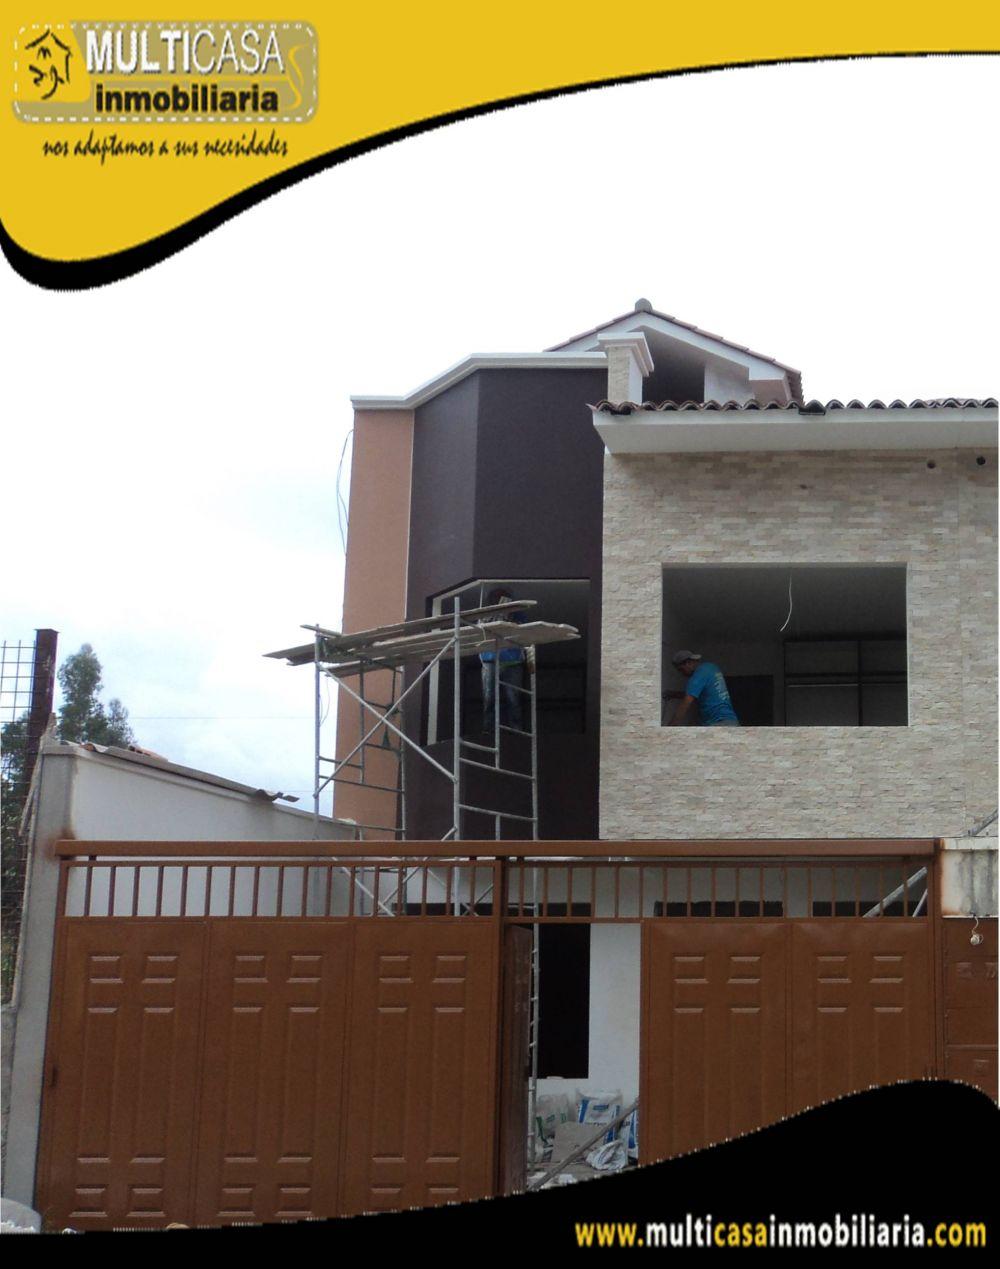 Venta de Hermosa casa a credito con garaje para dos vehículos sector Av.Ordoñez Lasso Cuenca-Ecuador